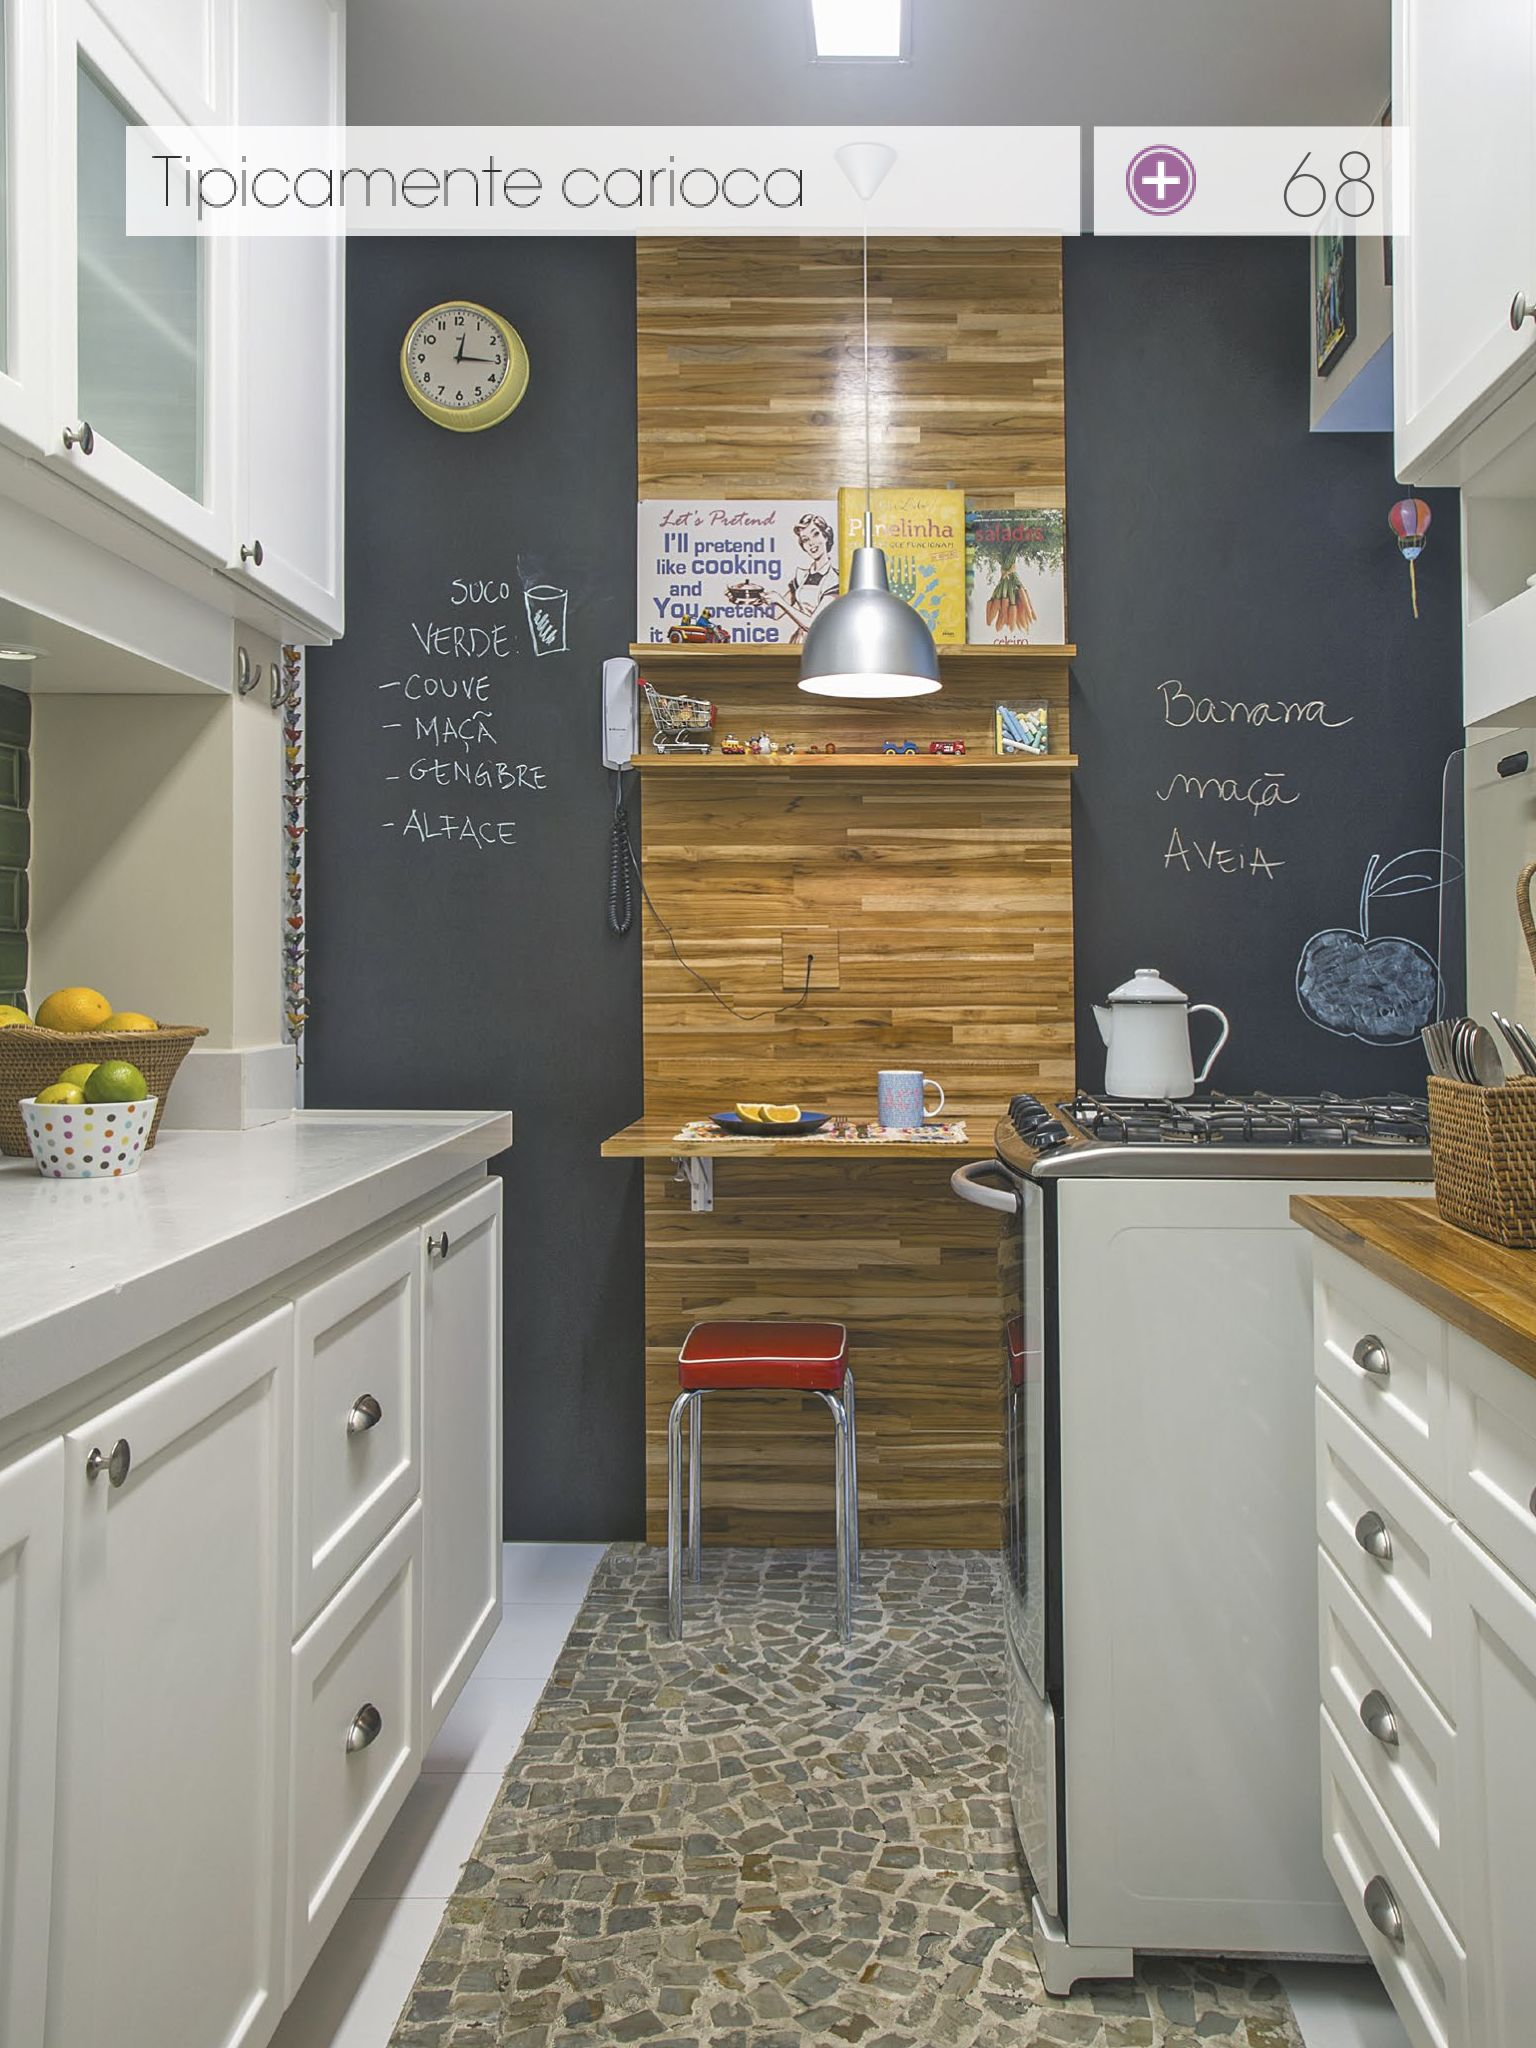 Neue wohnzimmer innenarchitektur mochila infantil com rodinhas grande liga da justiça keepers